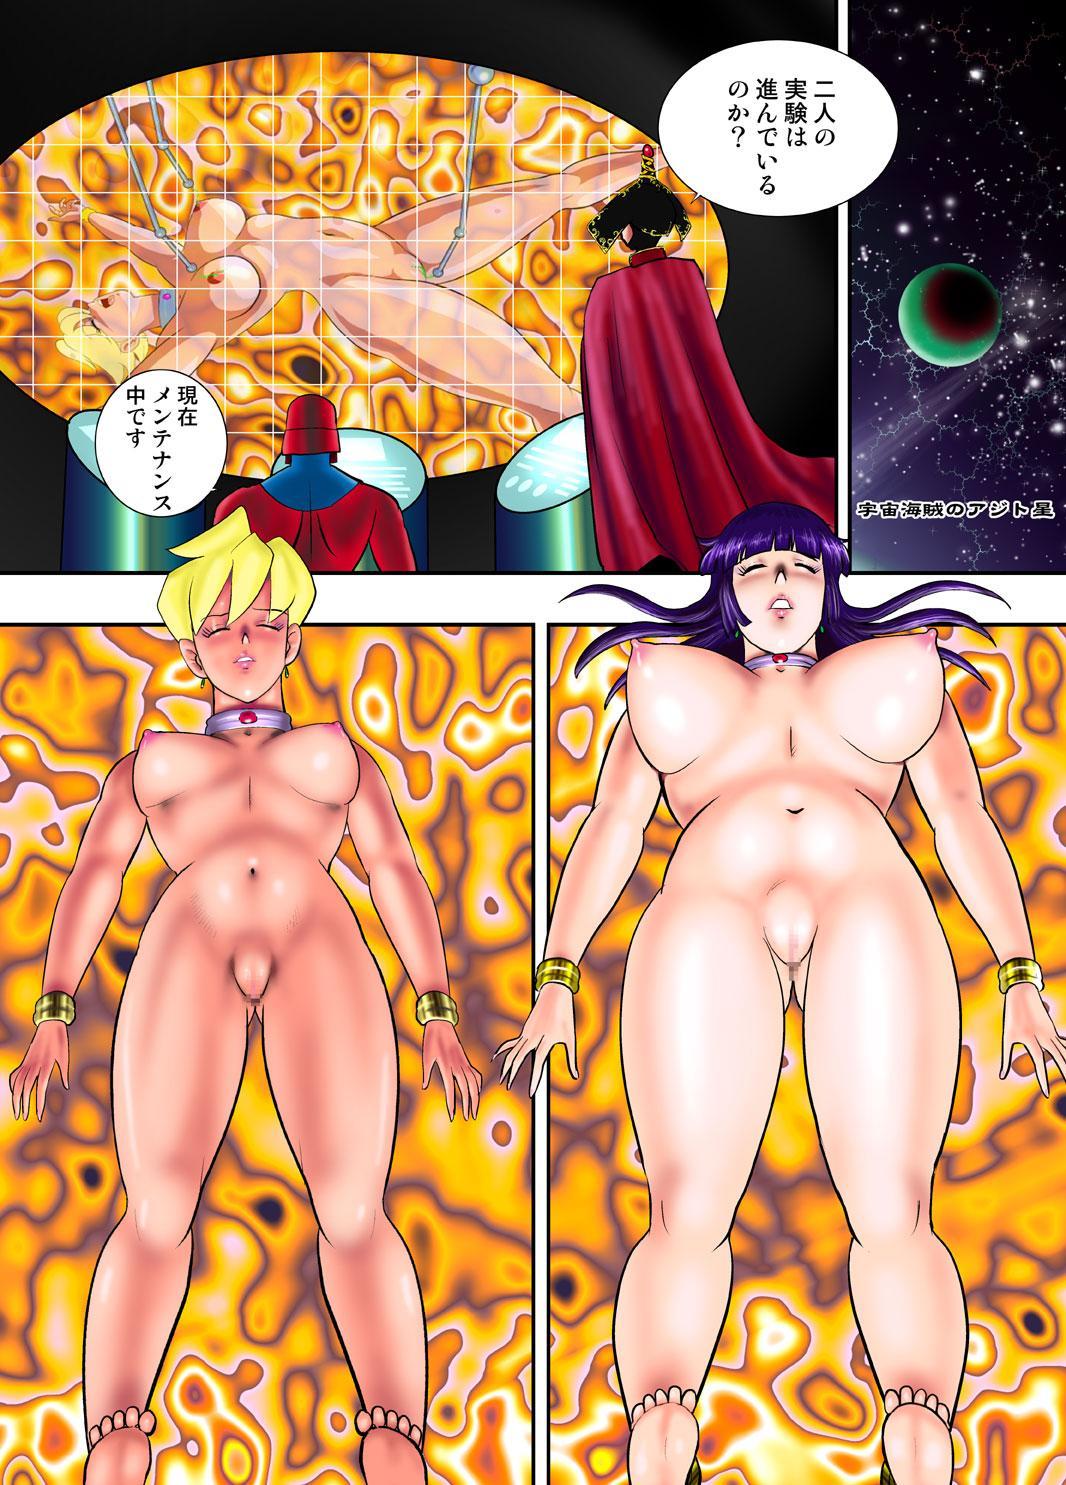 銀河特捜キティ&マリィ第二話肉体改造の罠 5